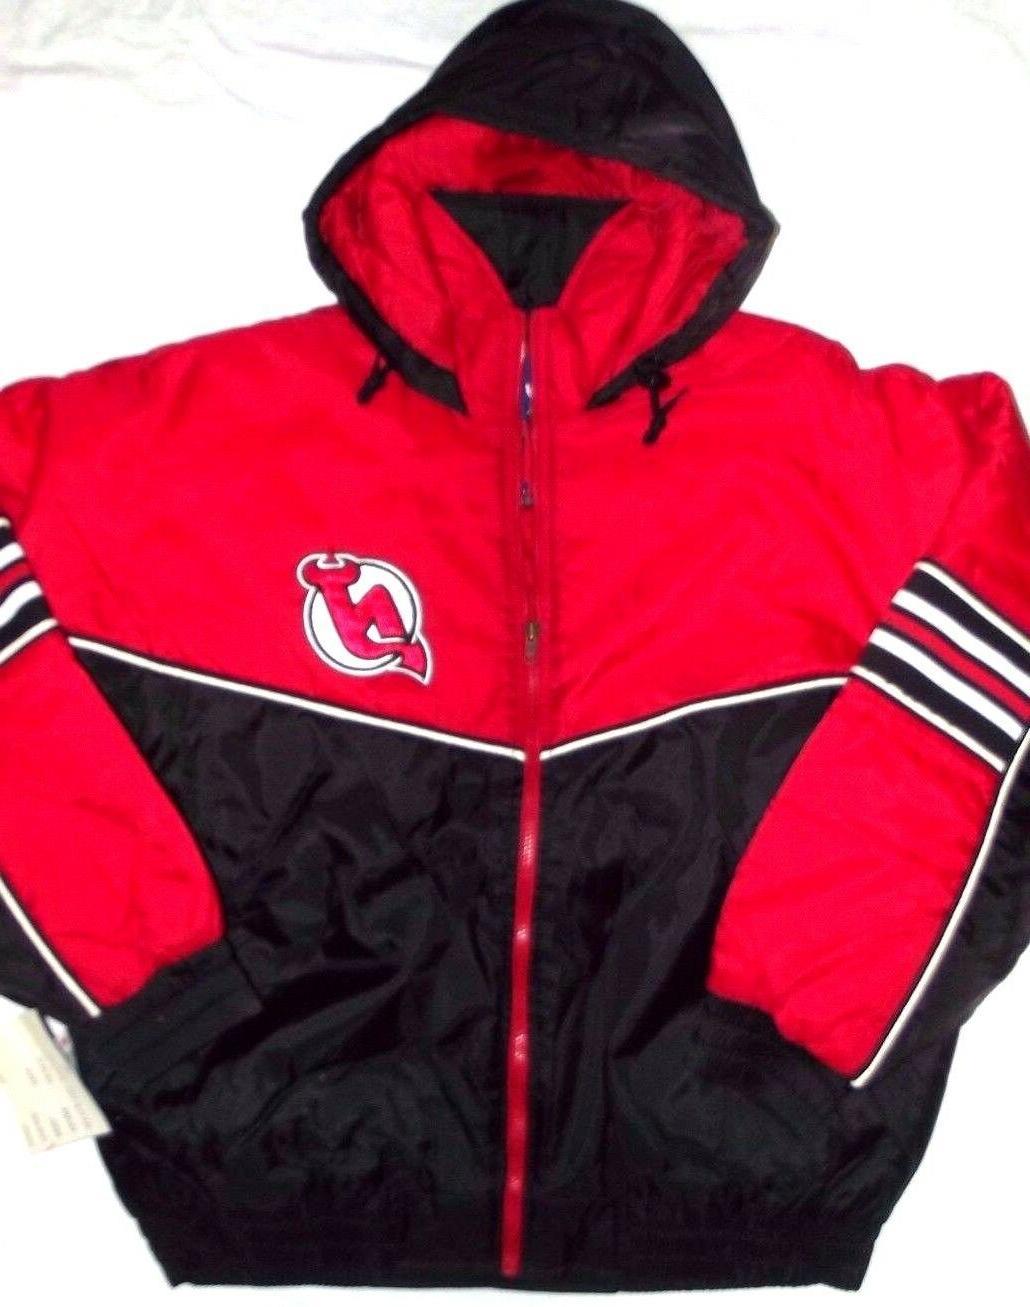 new new jersey devils red black vintage